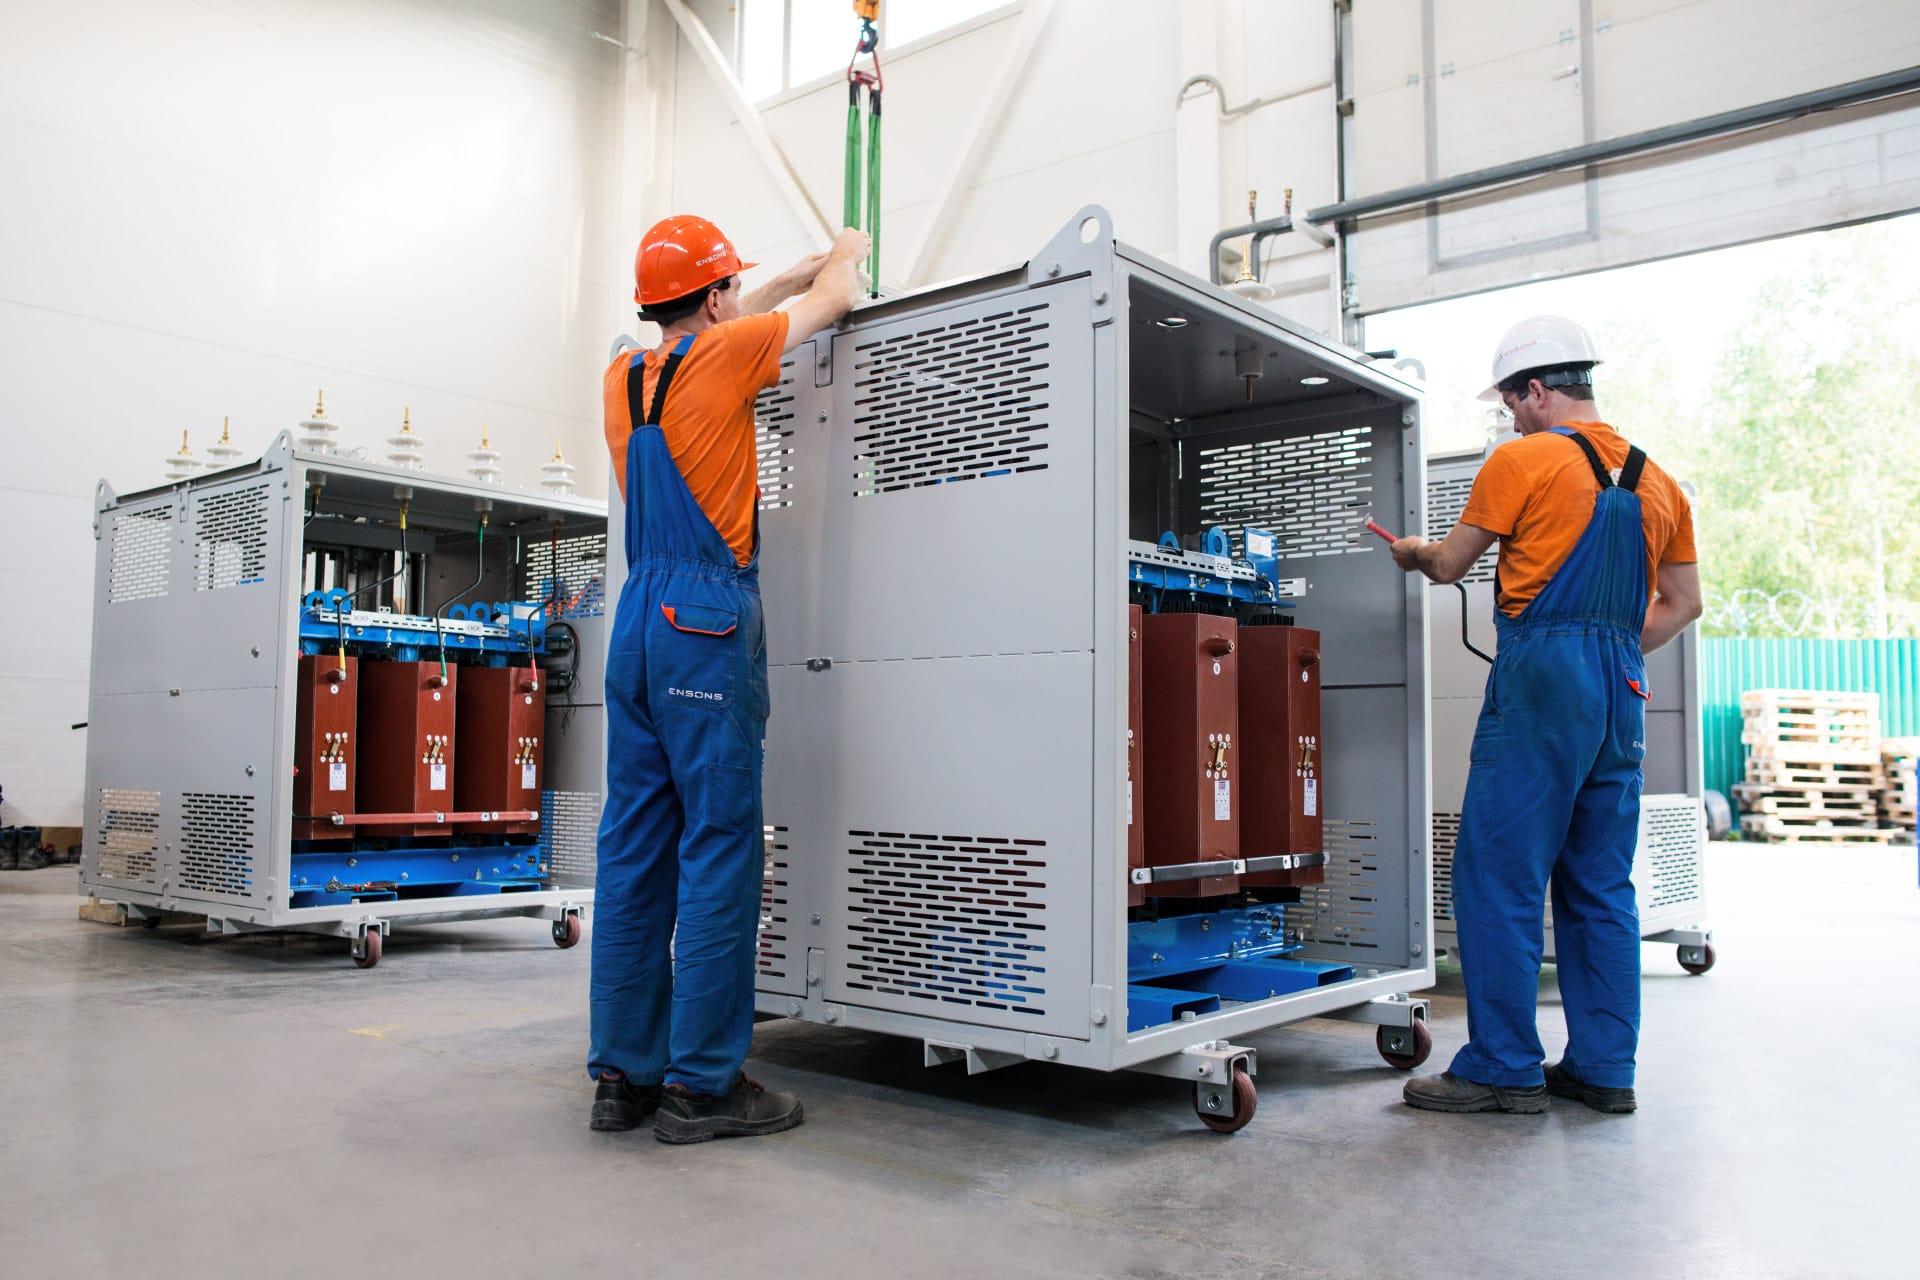 Ensons - Система компенсации емкостных токов для литейно-прокатного комплекса «Тулачермет-Сталь»